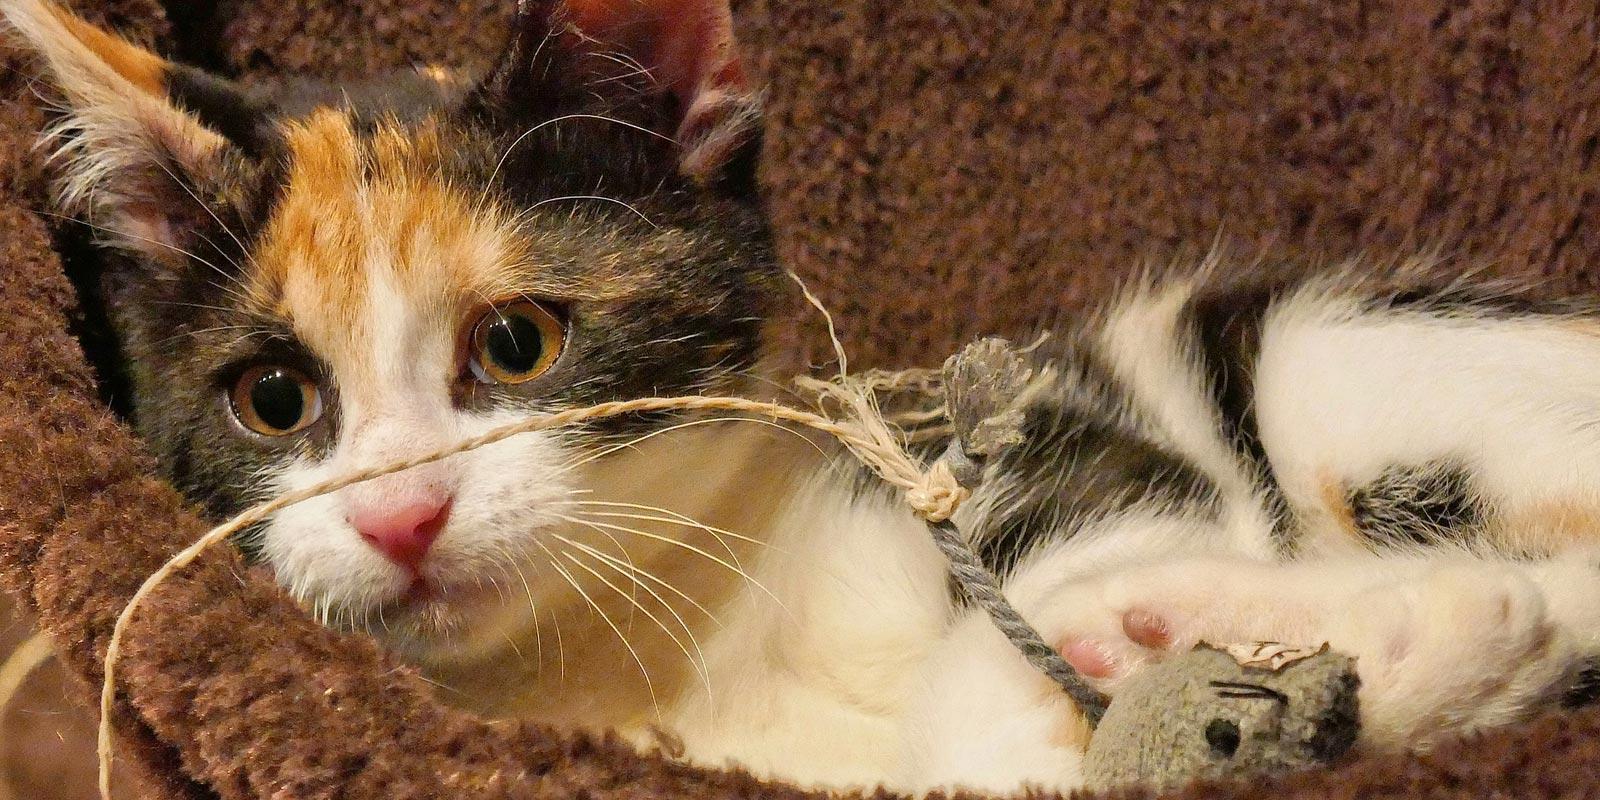 gatito tricolor pequeño recostado con un ratón de juguete al lado